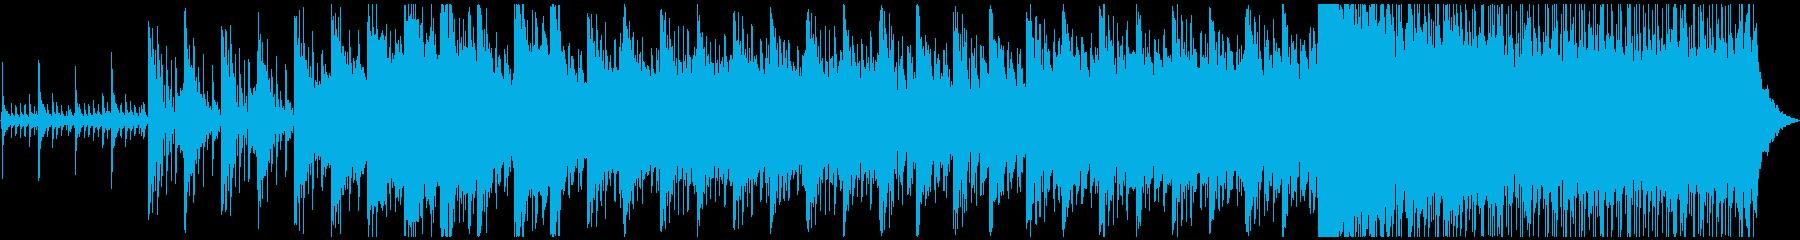 緊迫感あふれるBGMです。の再生済みの波形